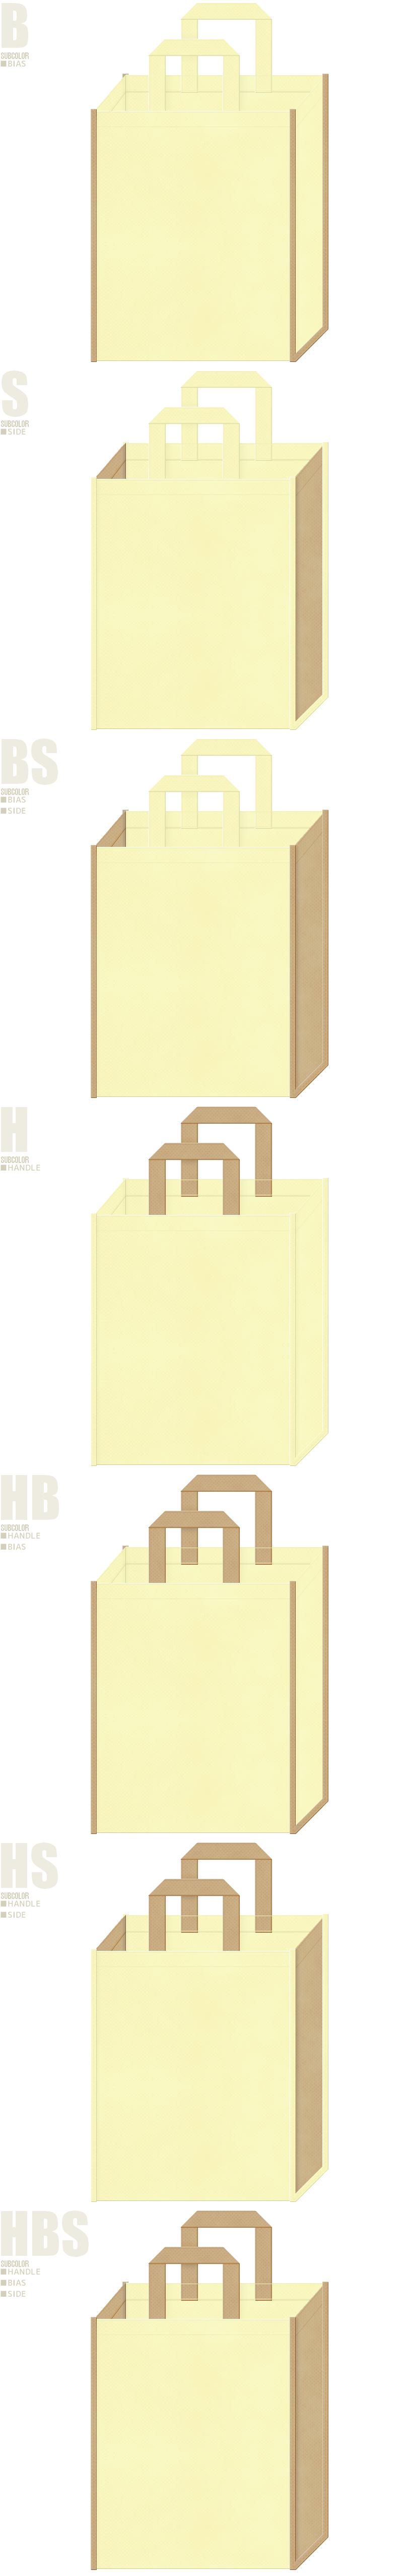 薄黄色とカーキ色、7パターンの不織布トートバッグ配色デザイン例。ガーリーファッション・手芸用品の展示会用バッグにお奨めです。